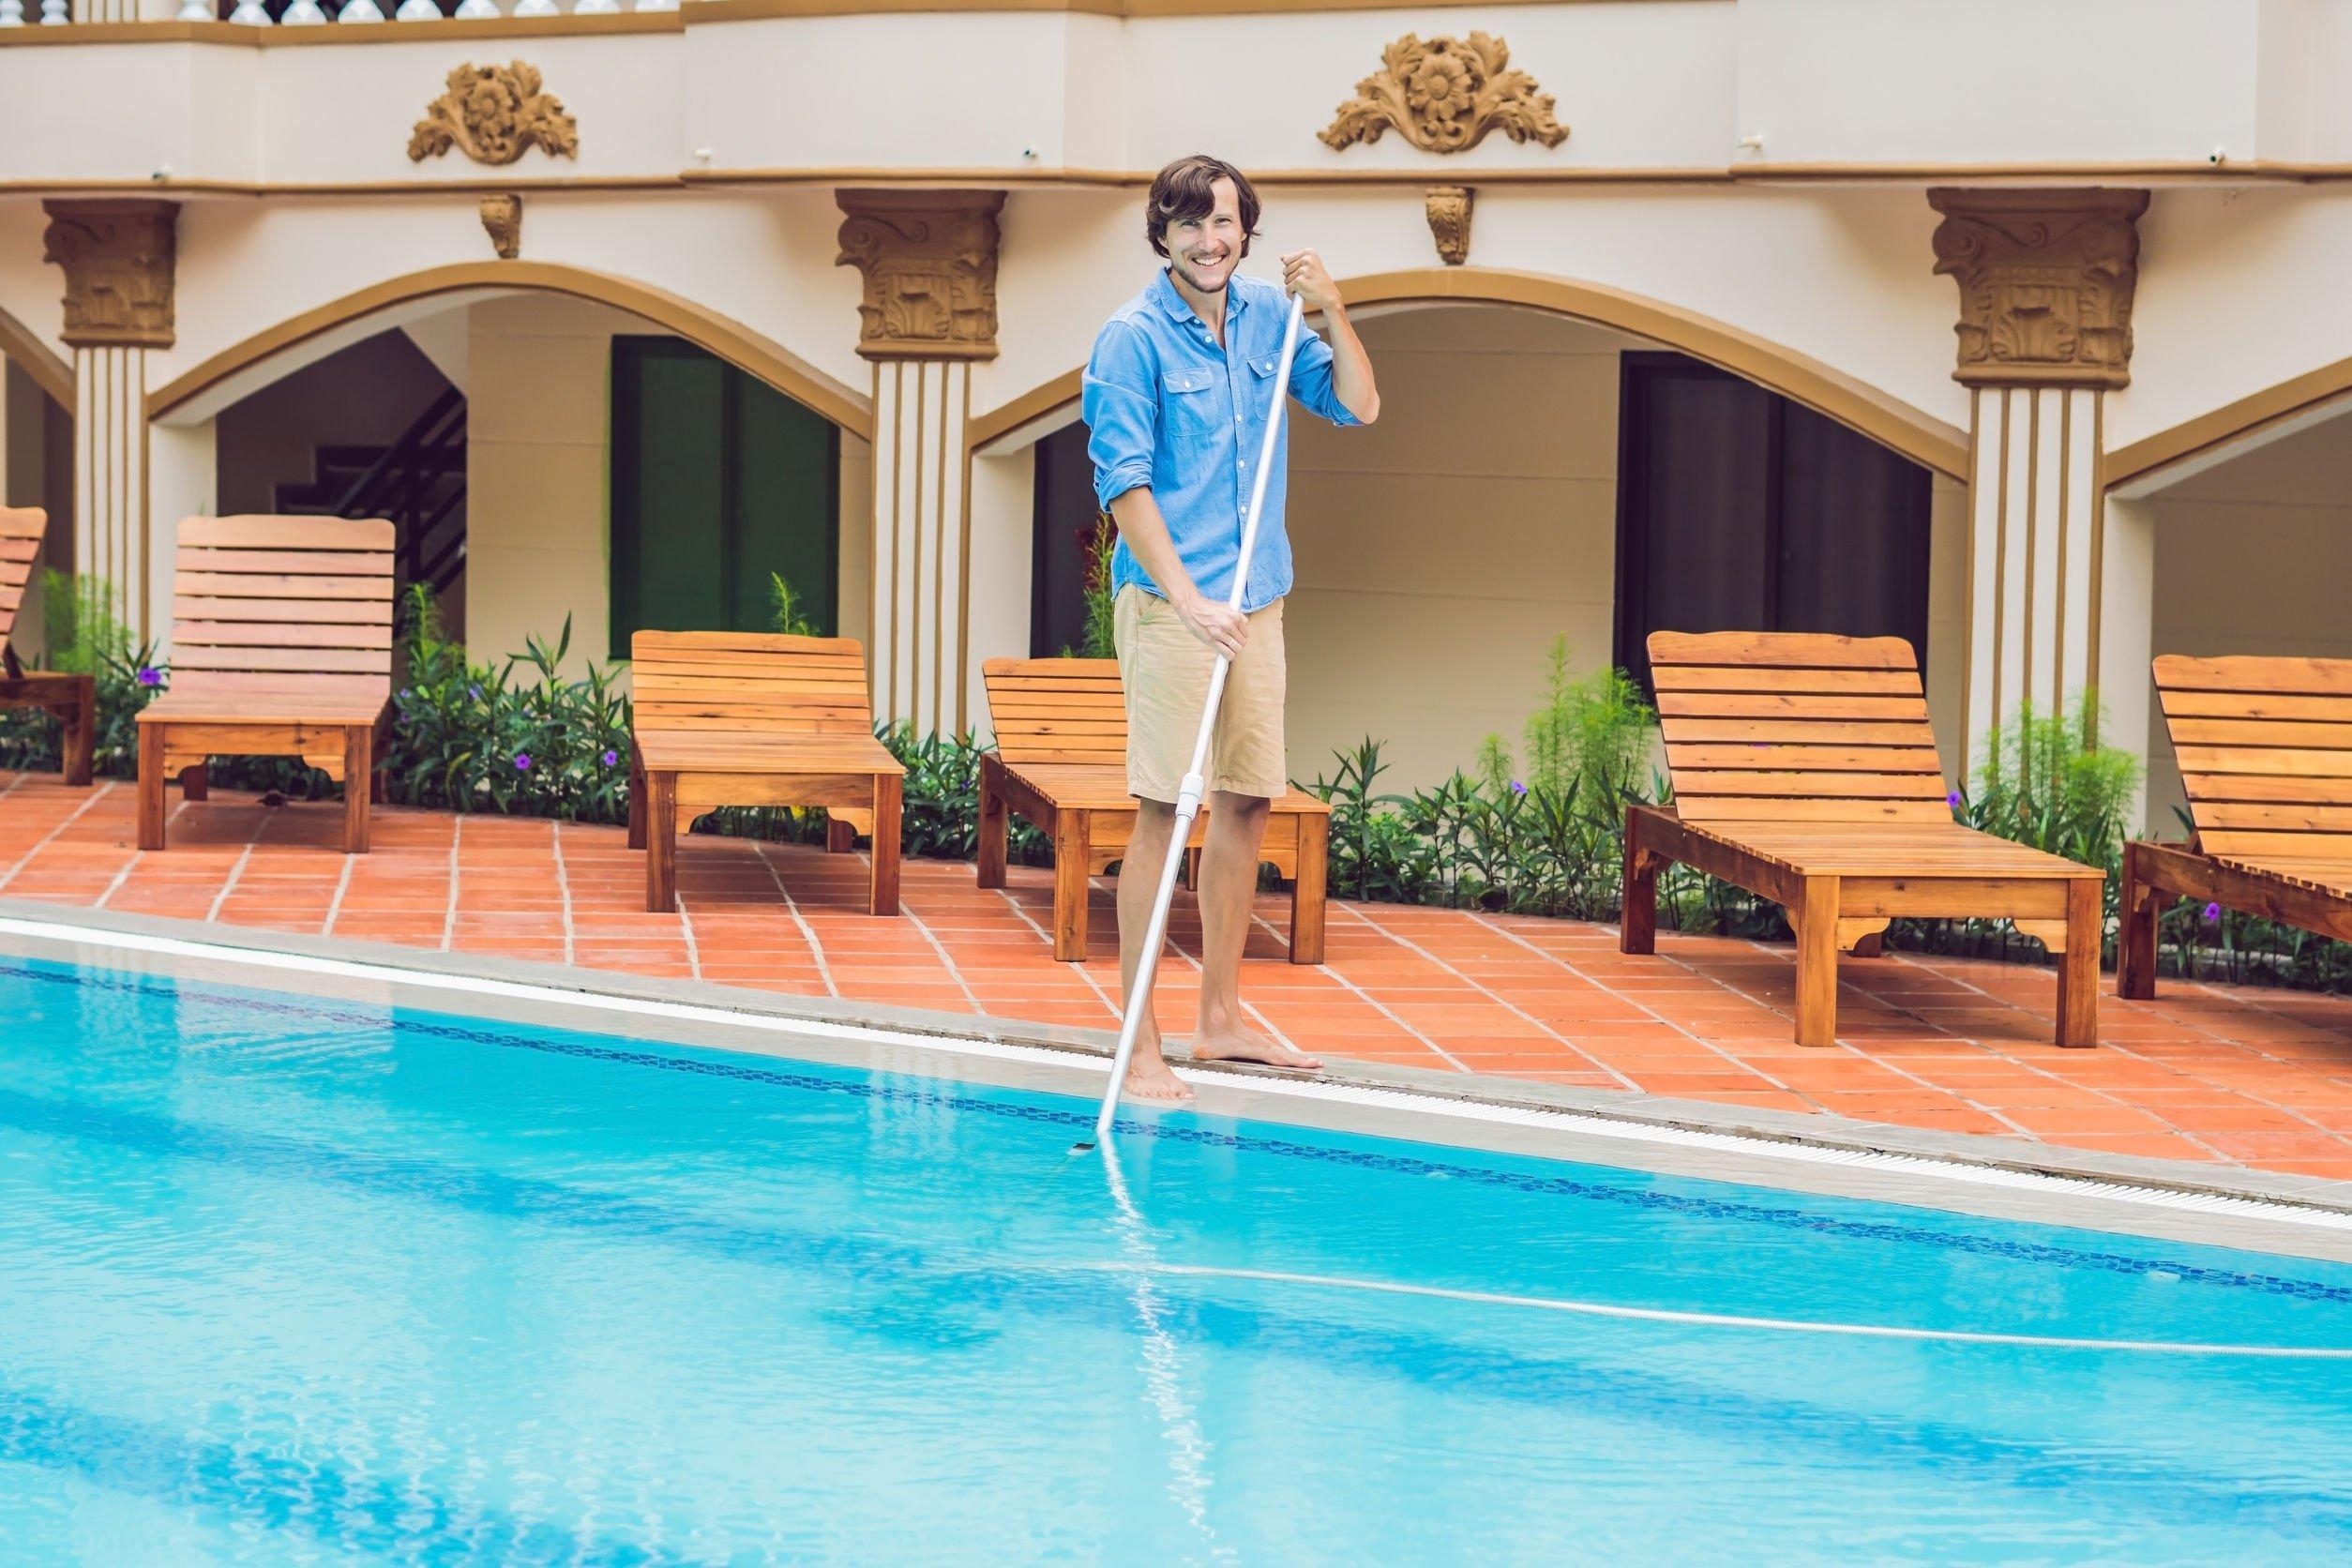 Homem limpando piscina